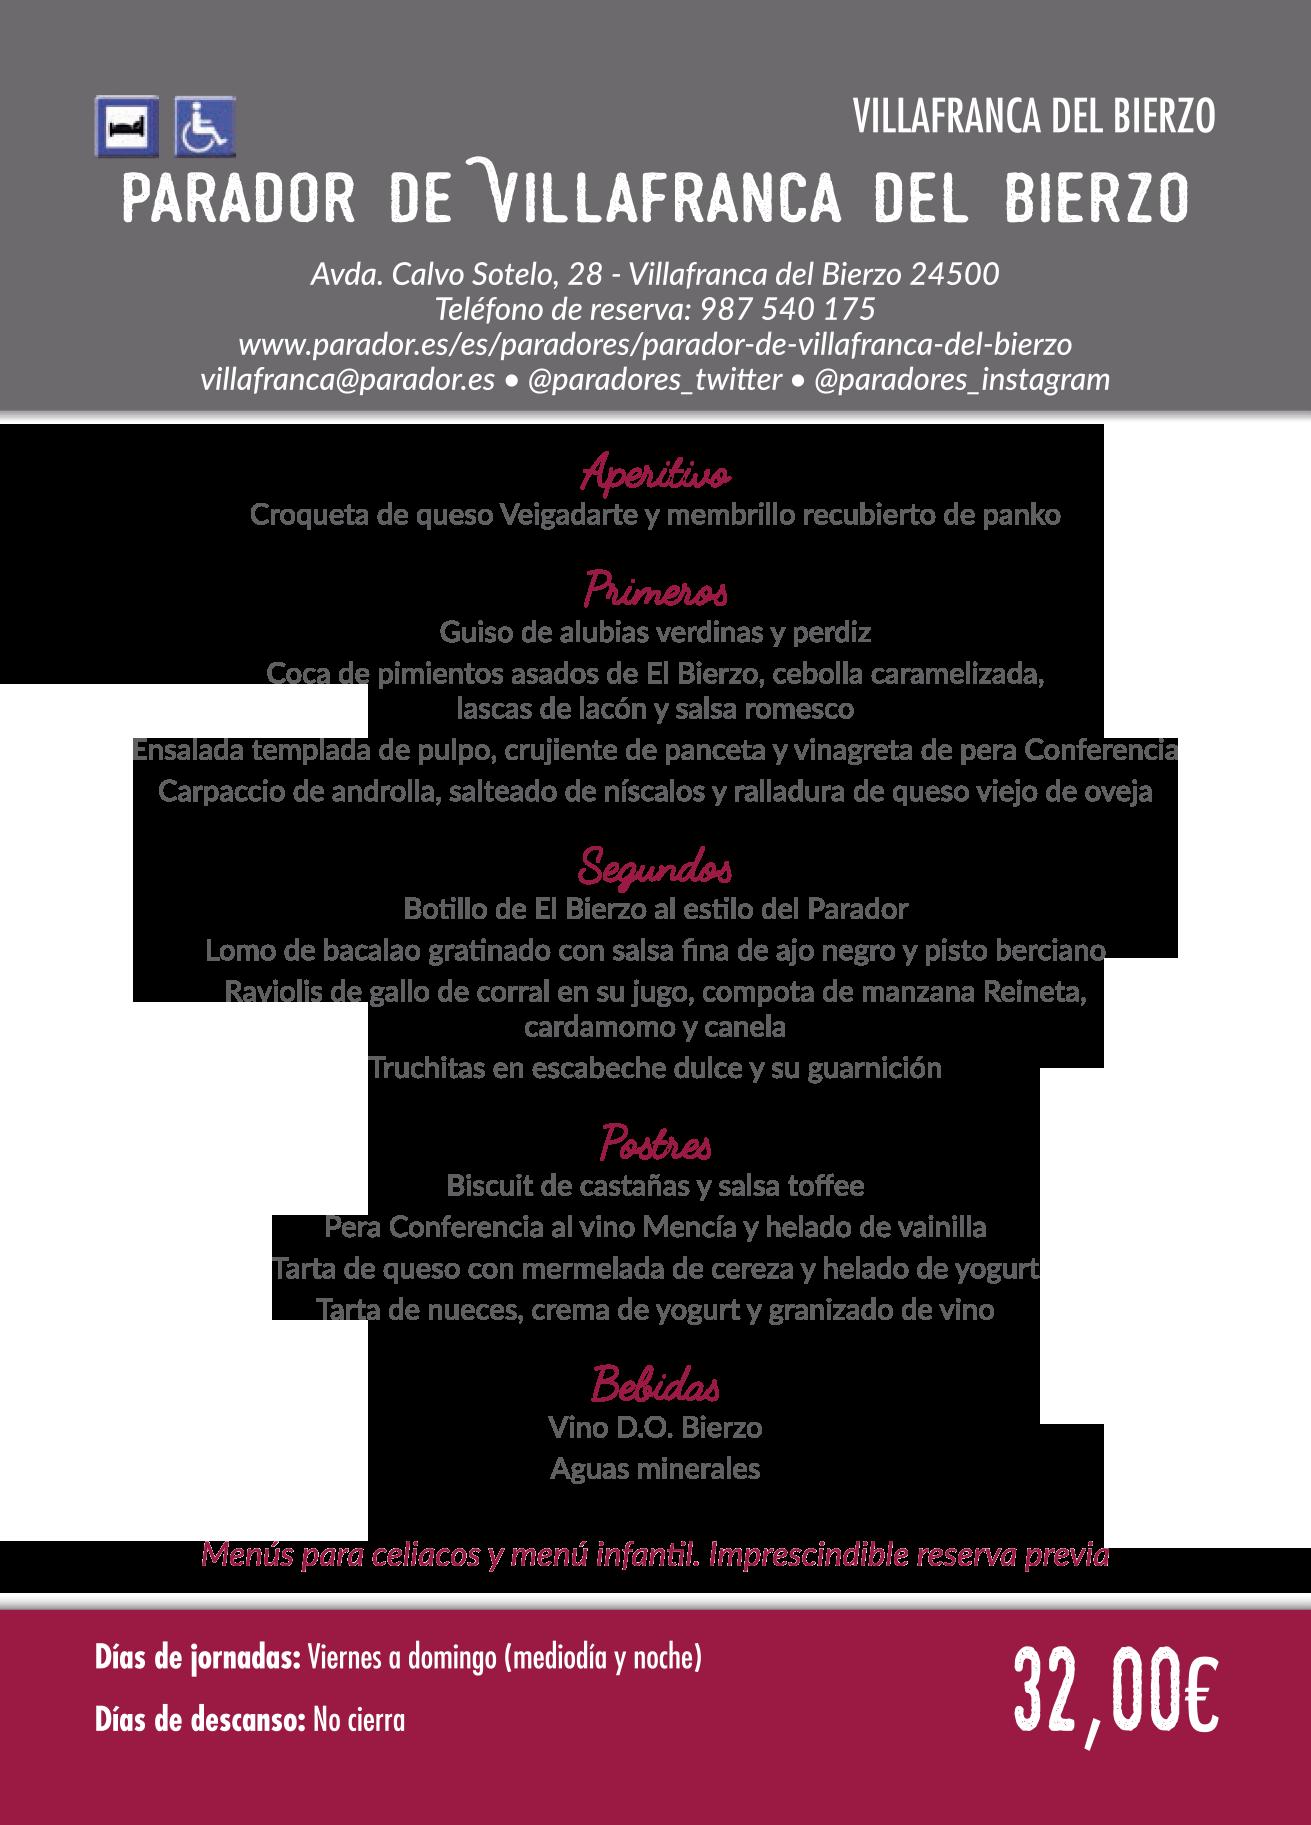 Las Jornadas Gastronómicas del Bierzo llegan a su 35 edición. Consulta los menús de esta edición 31